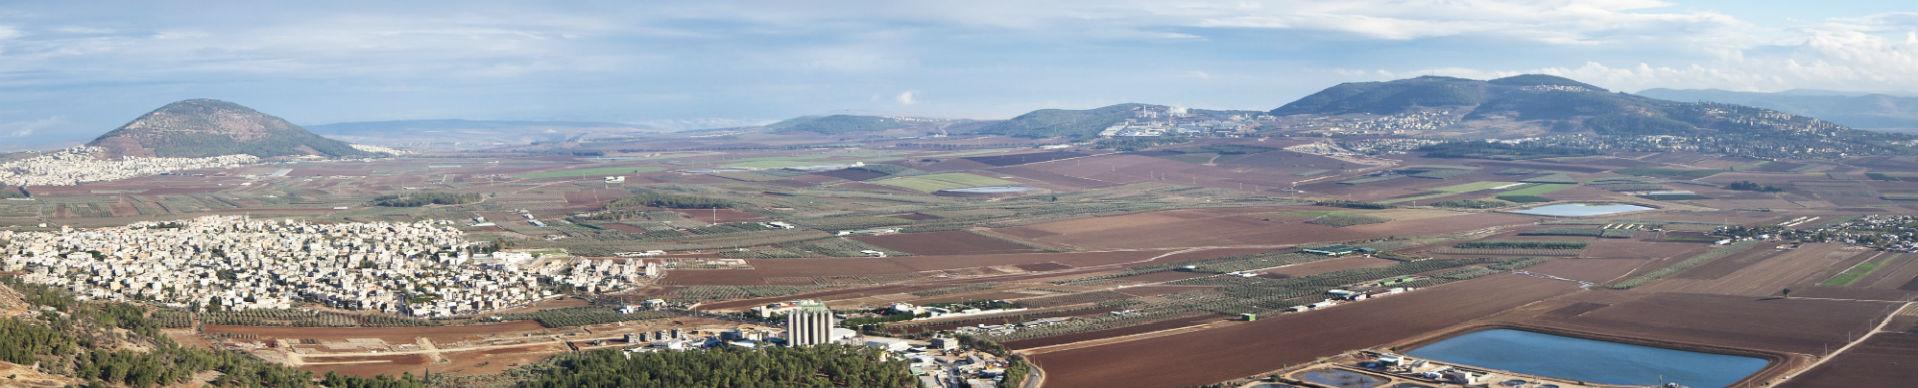 סניף נצרת והעמקים